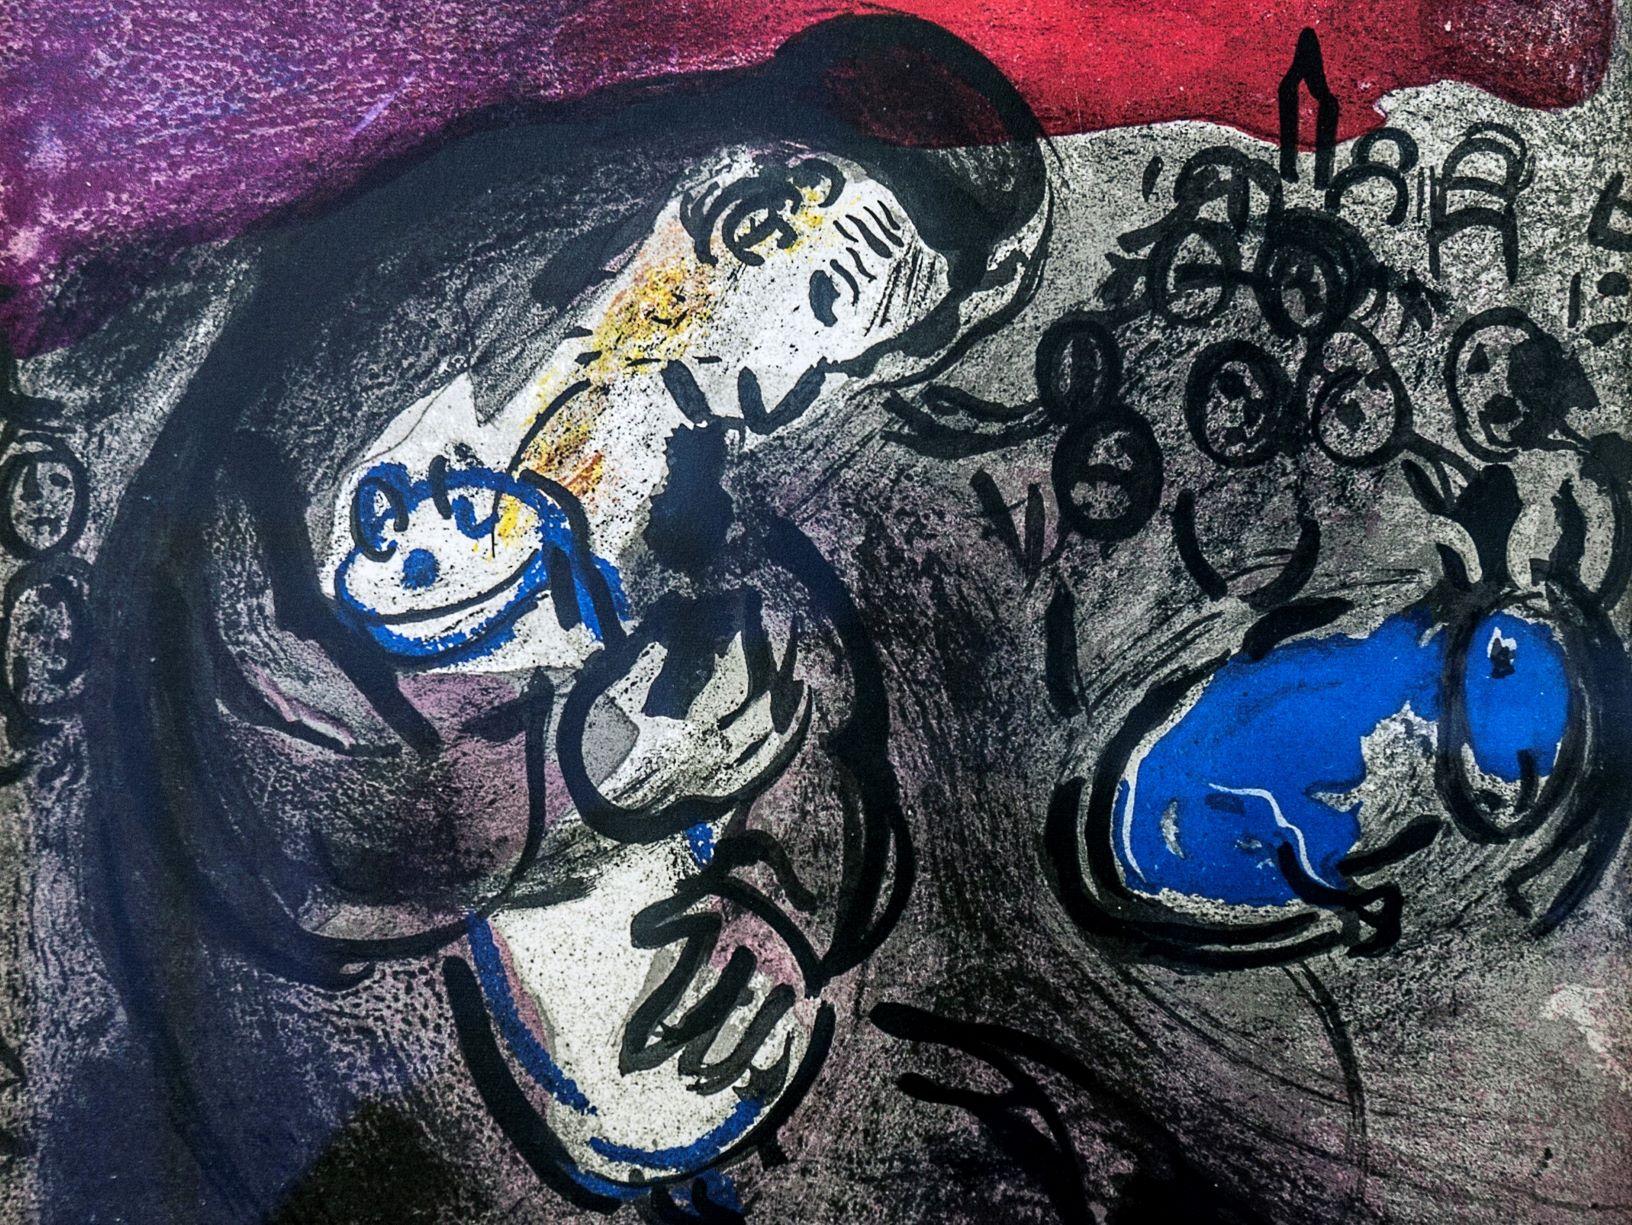 L'ineffabile mistero delle cose. Il sacro in Marc Chagall, nella sua terra natia